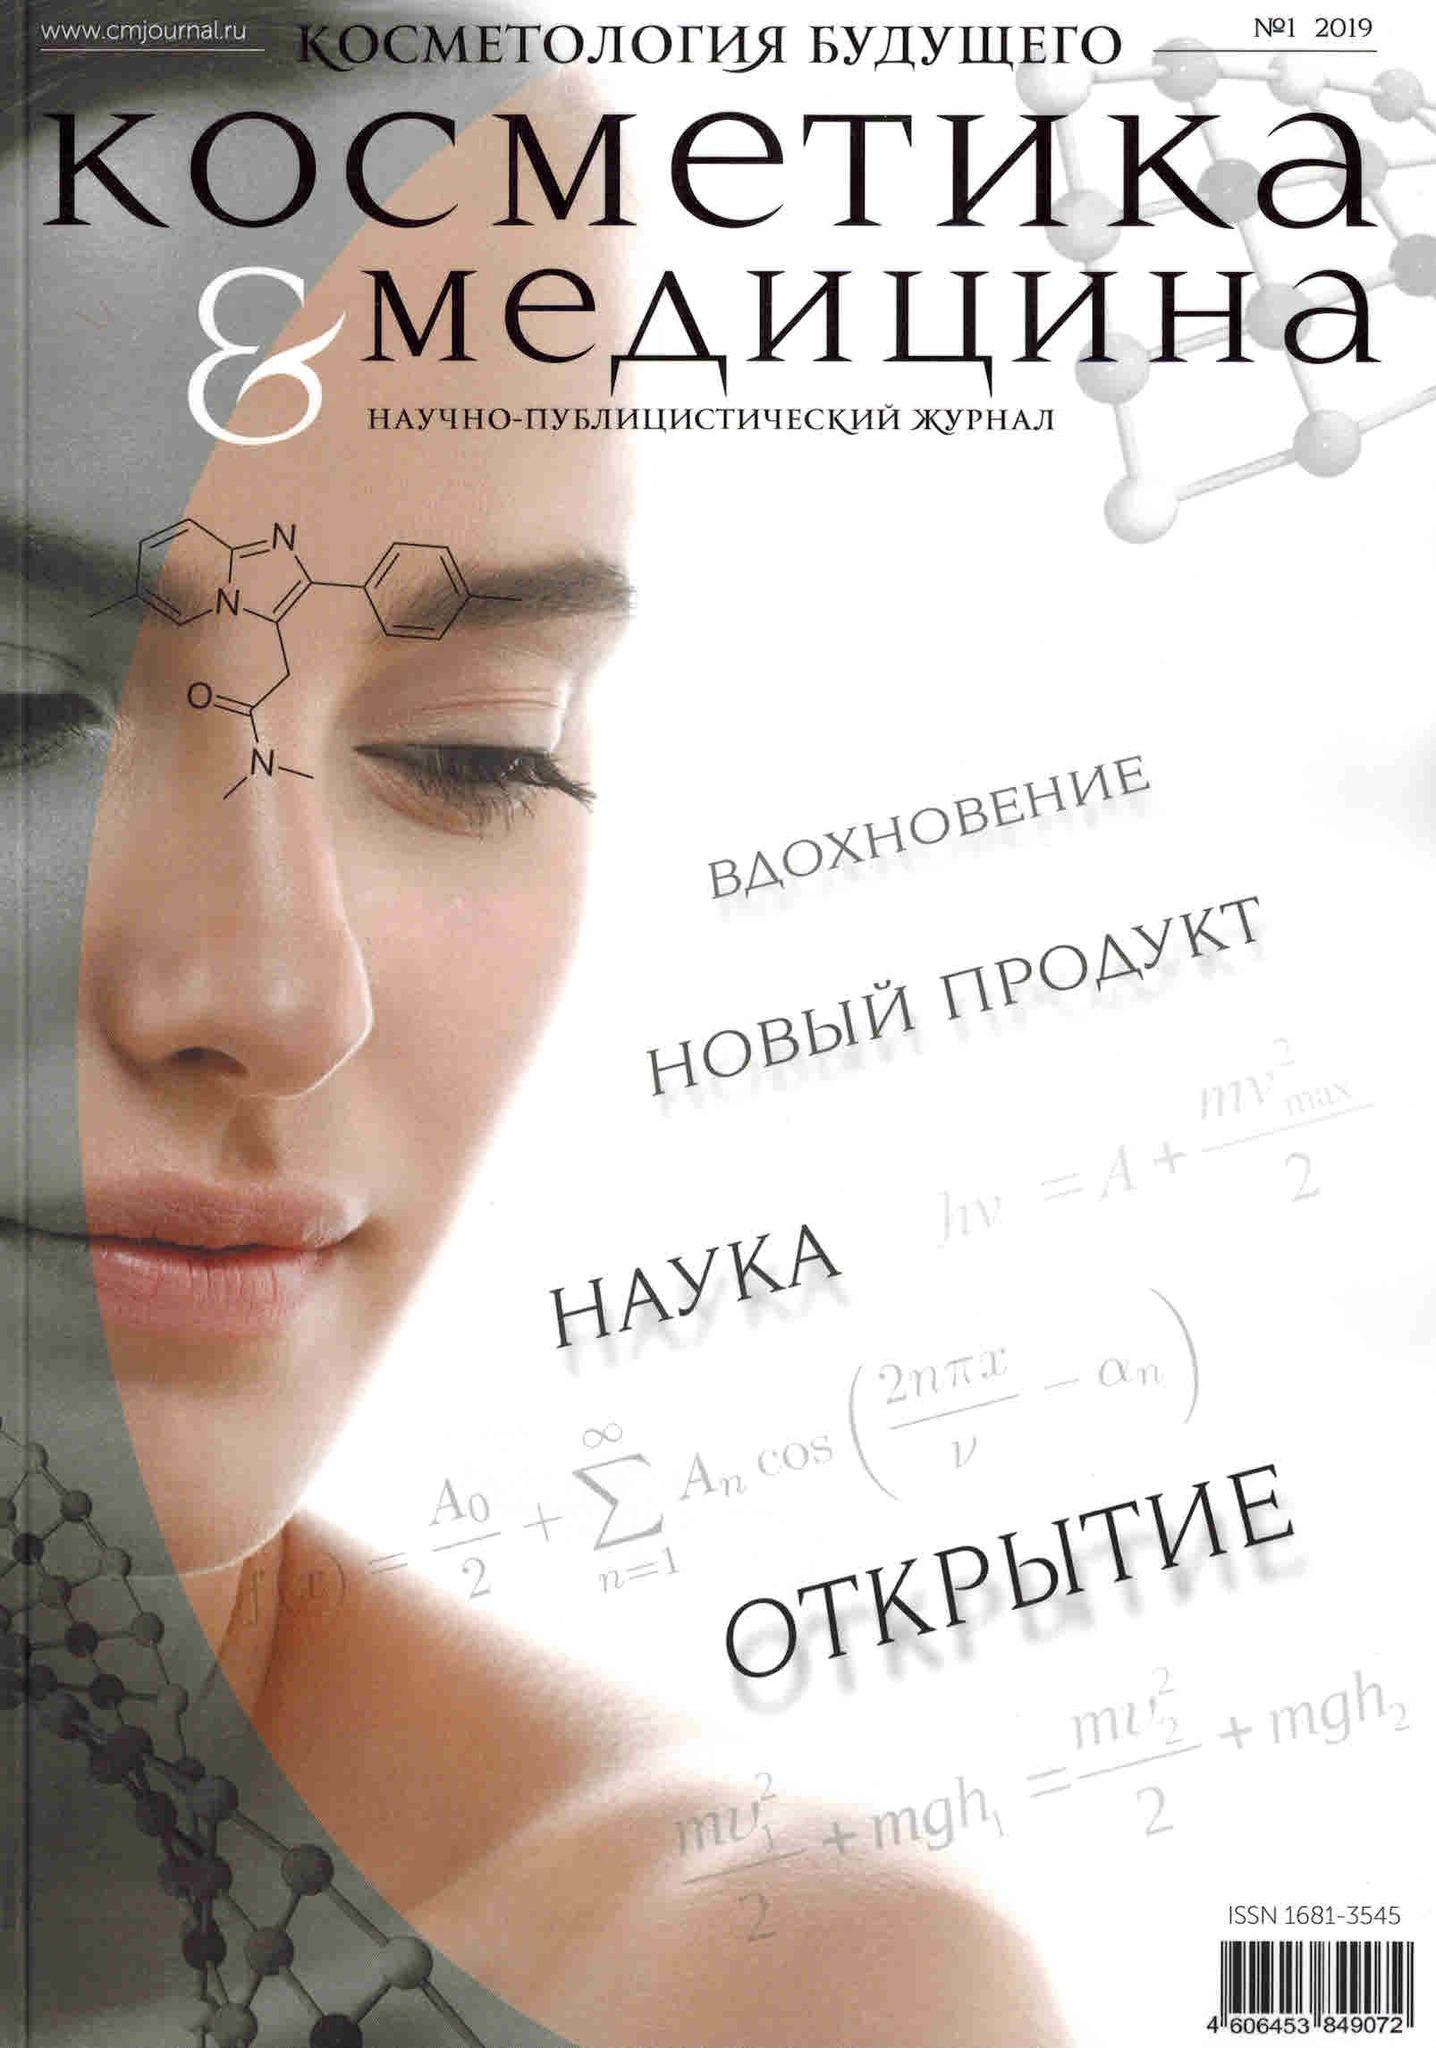 Учебники по косметологии Косметика и медицина №1/2019 k-m_1-19.jpg